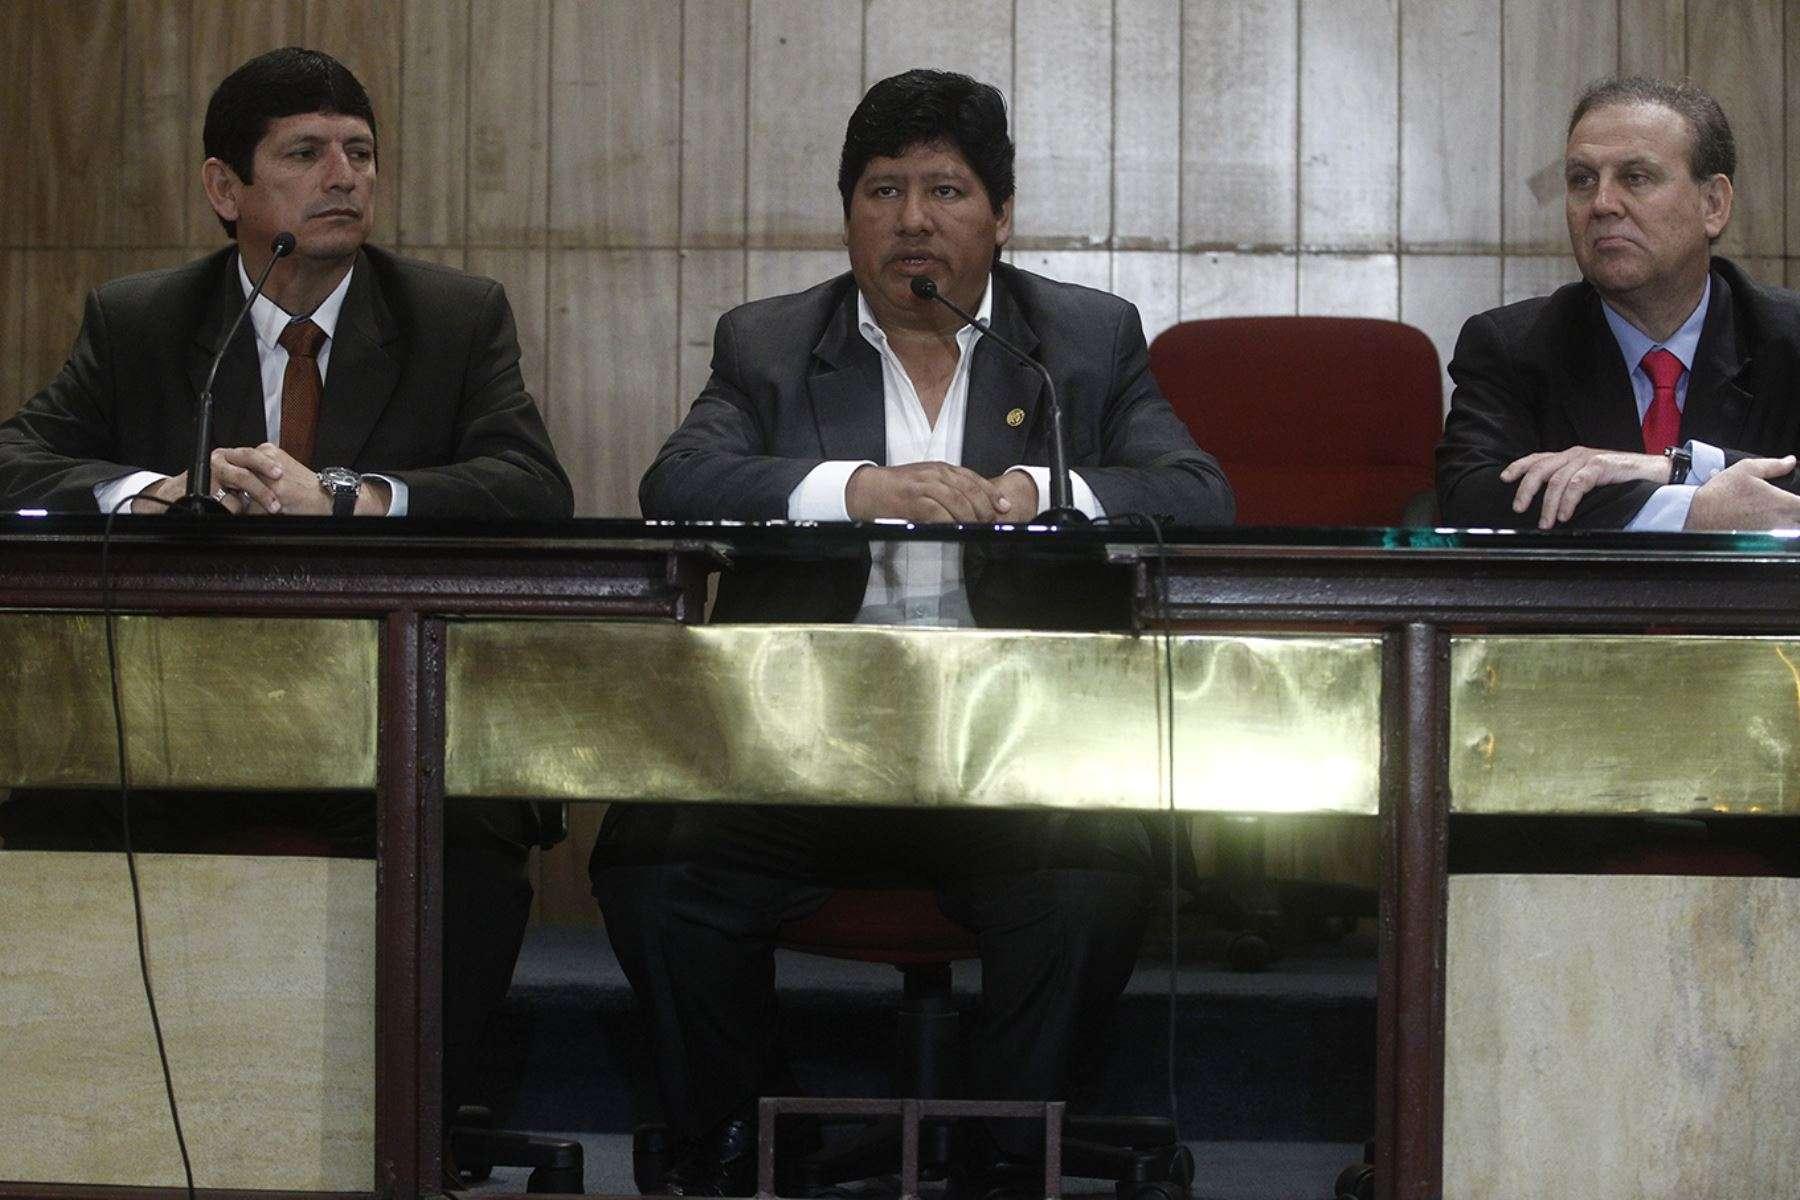 Edwin Oviedo, presidente electo de la FPF, flanqueado por su vicepresidente Agustín Lozano y el exárbitro Alberto Tejada. Foto: Andina